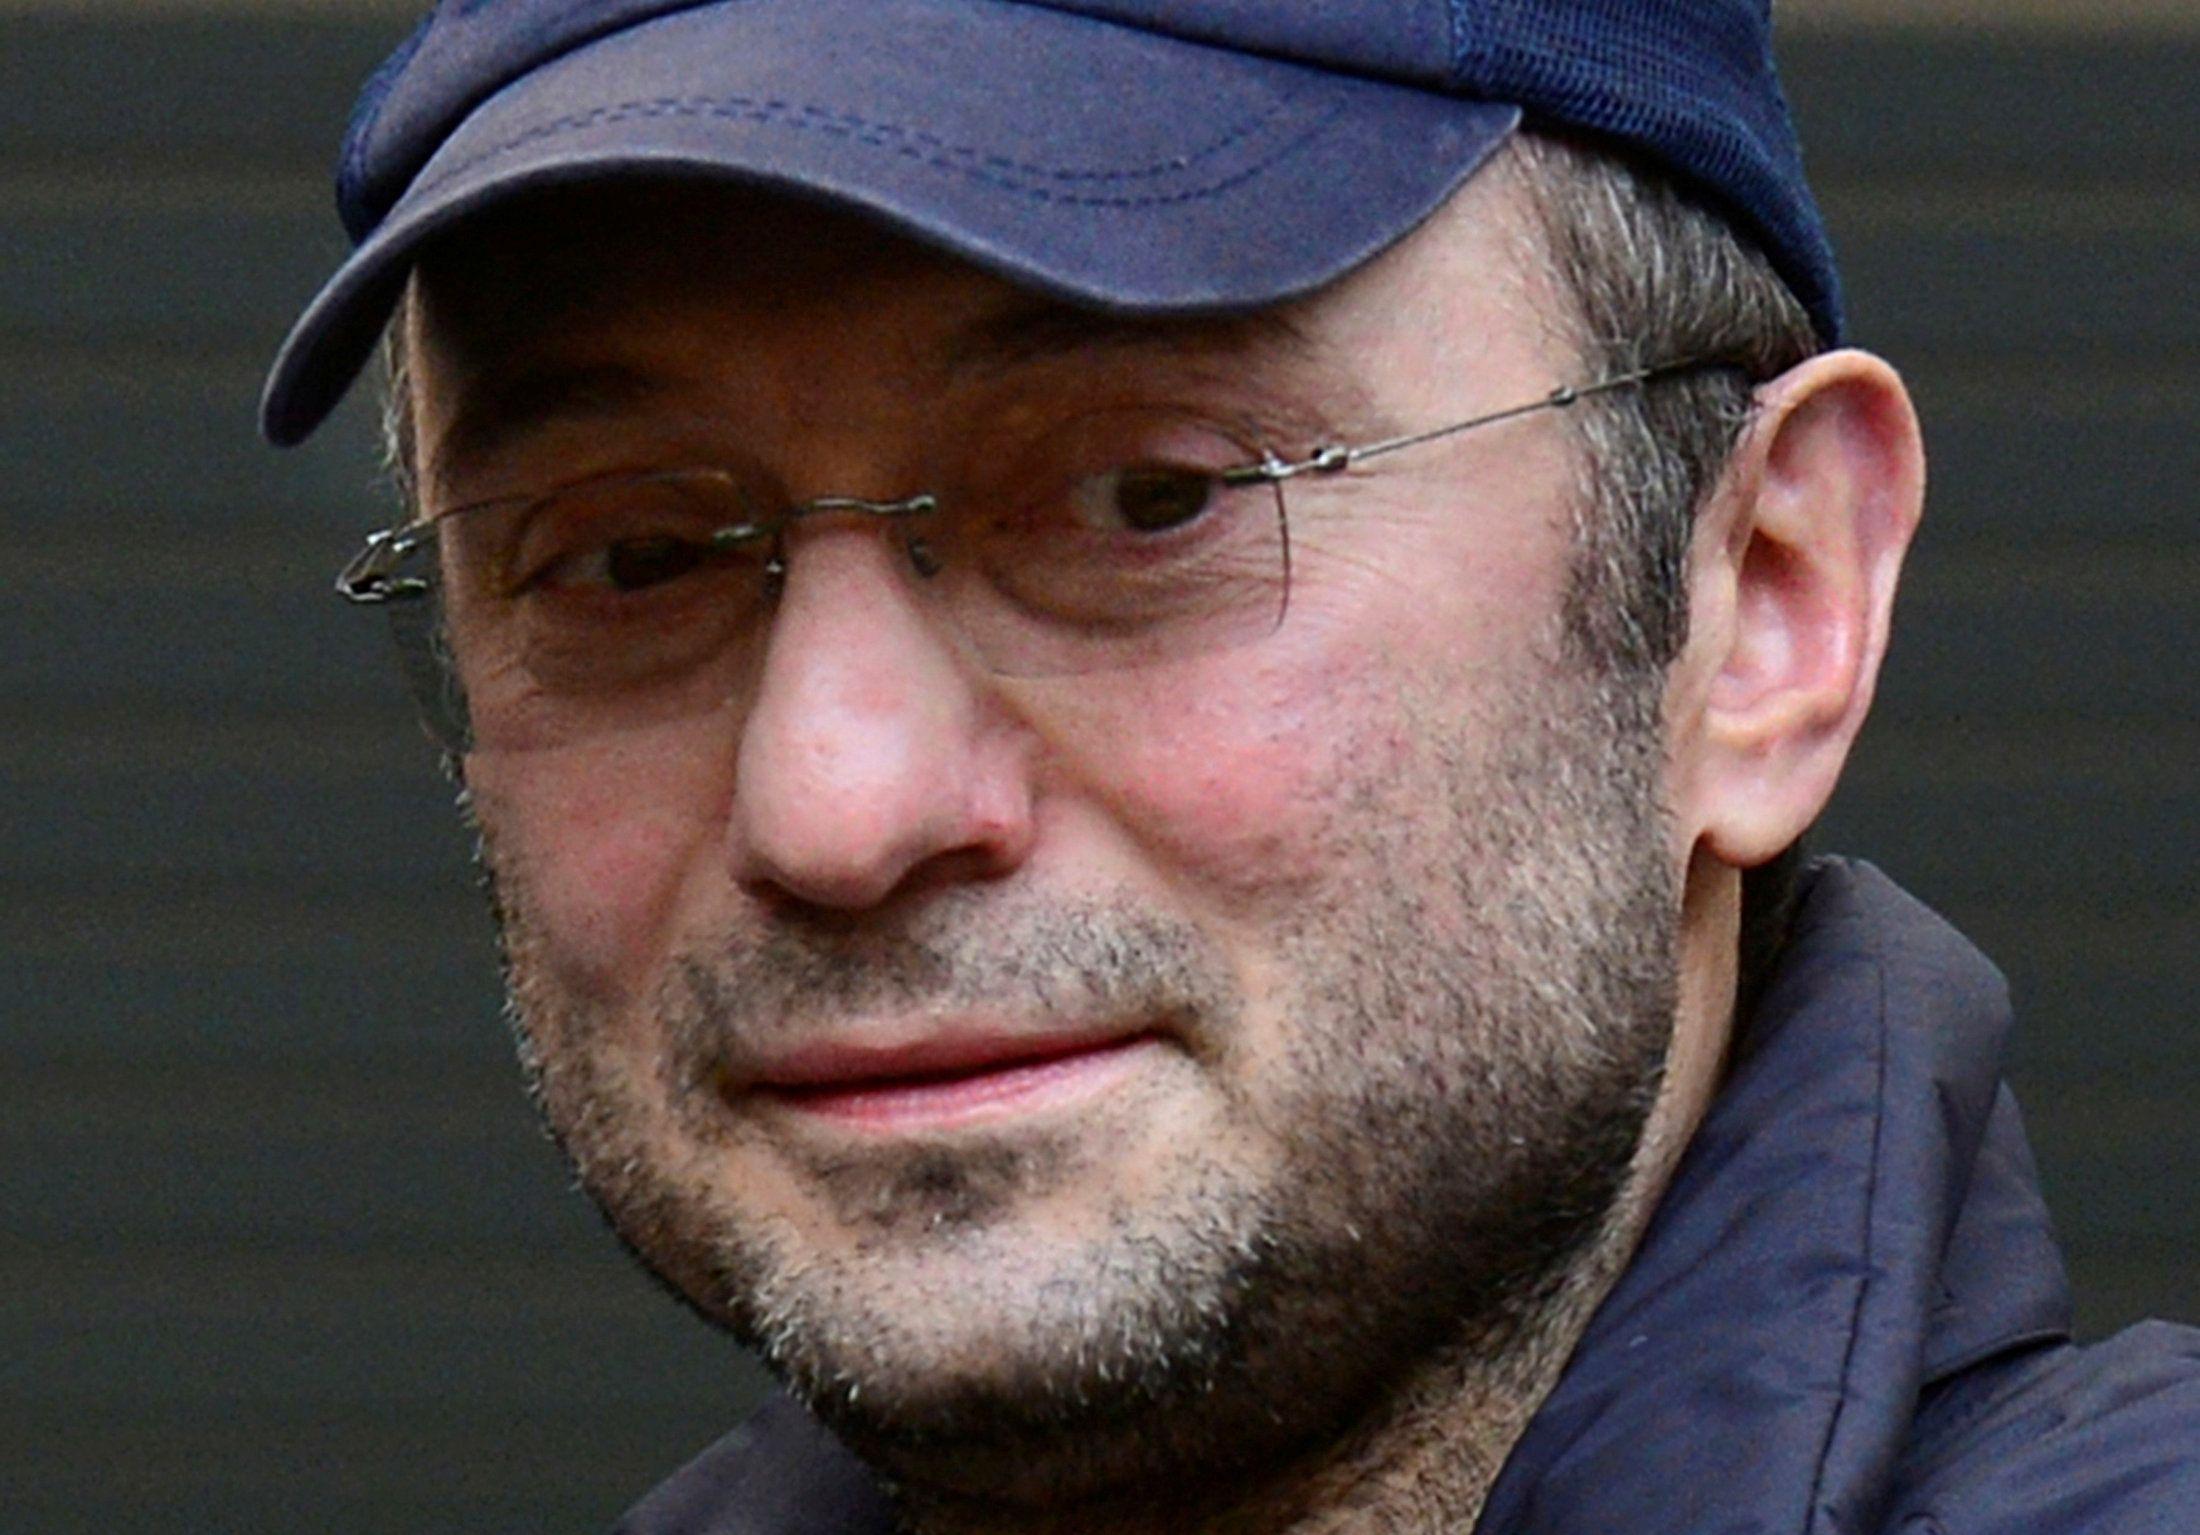 Сулейману Керимово, в частности, запретили контактировать с некоторыми лицами